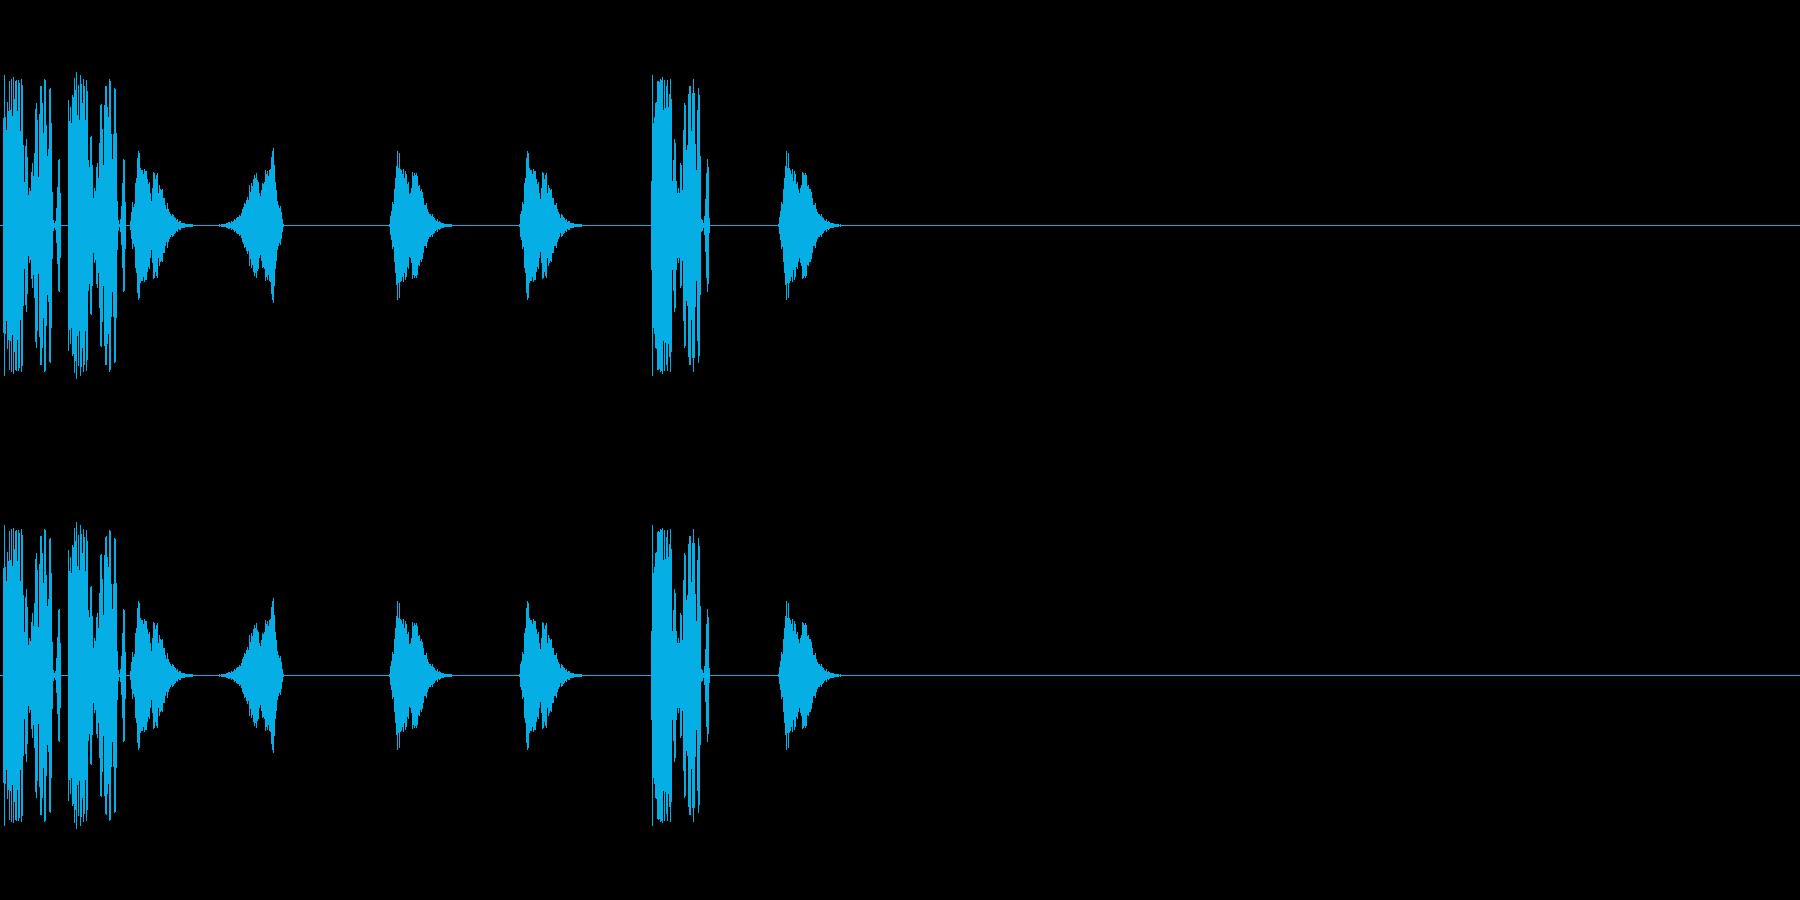 DJスクラッチ/ターンテーブル/E-16の再生済みの波形